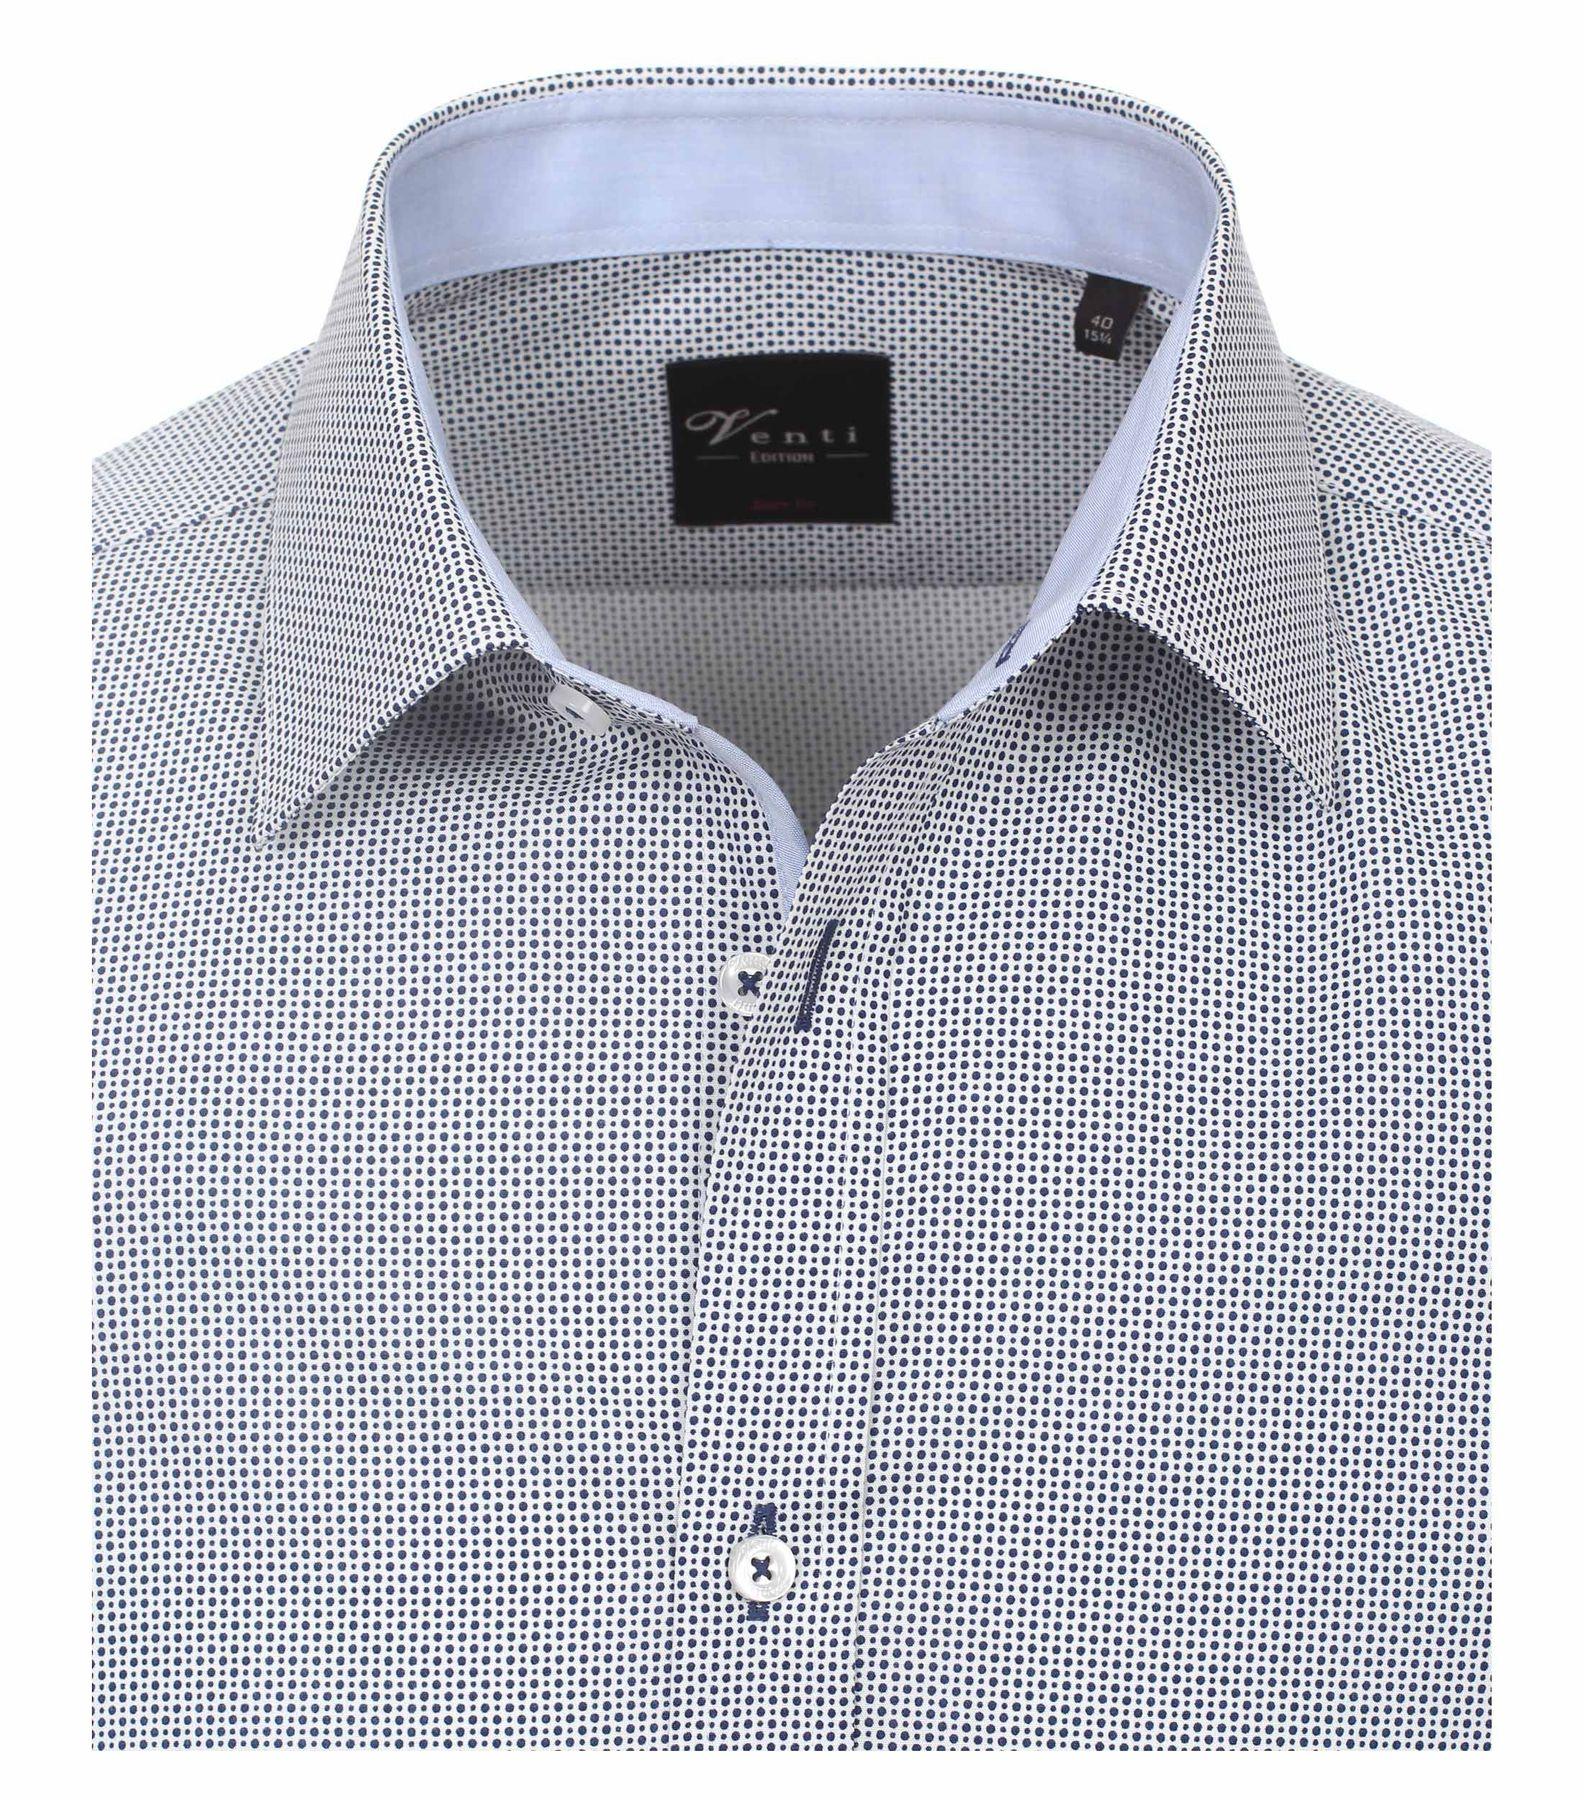 Venti - Body Fit - Herren Hemd mit modischem Druck und aus 100% Baumwolle mit Kent Kragen (172677900) – Bild 3